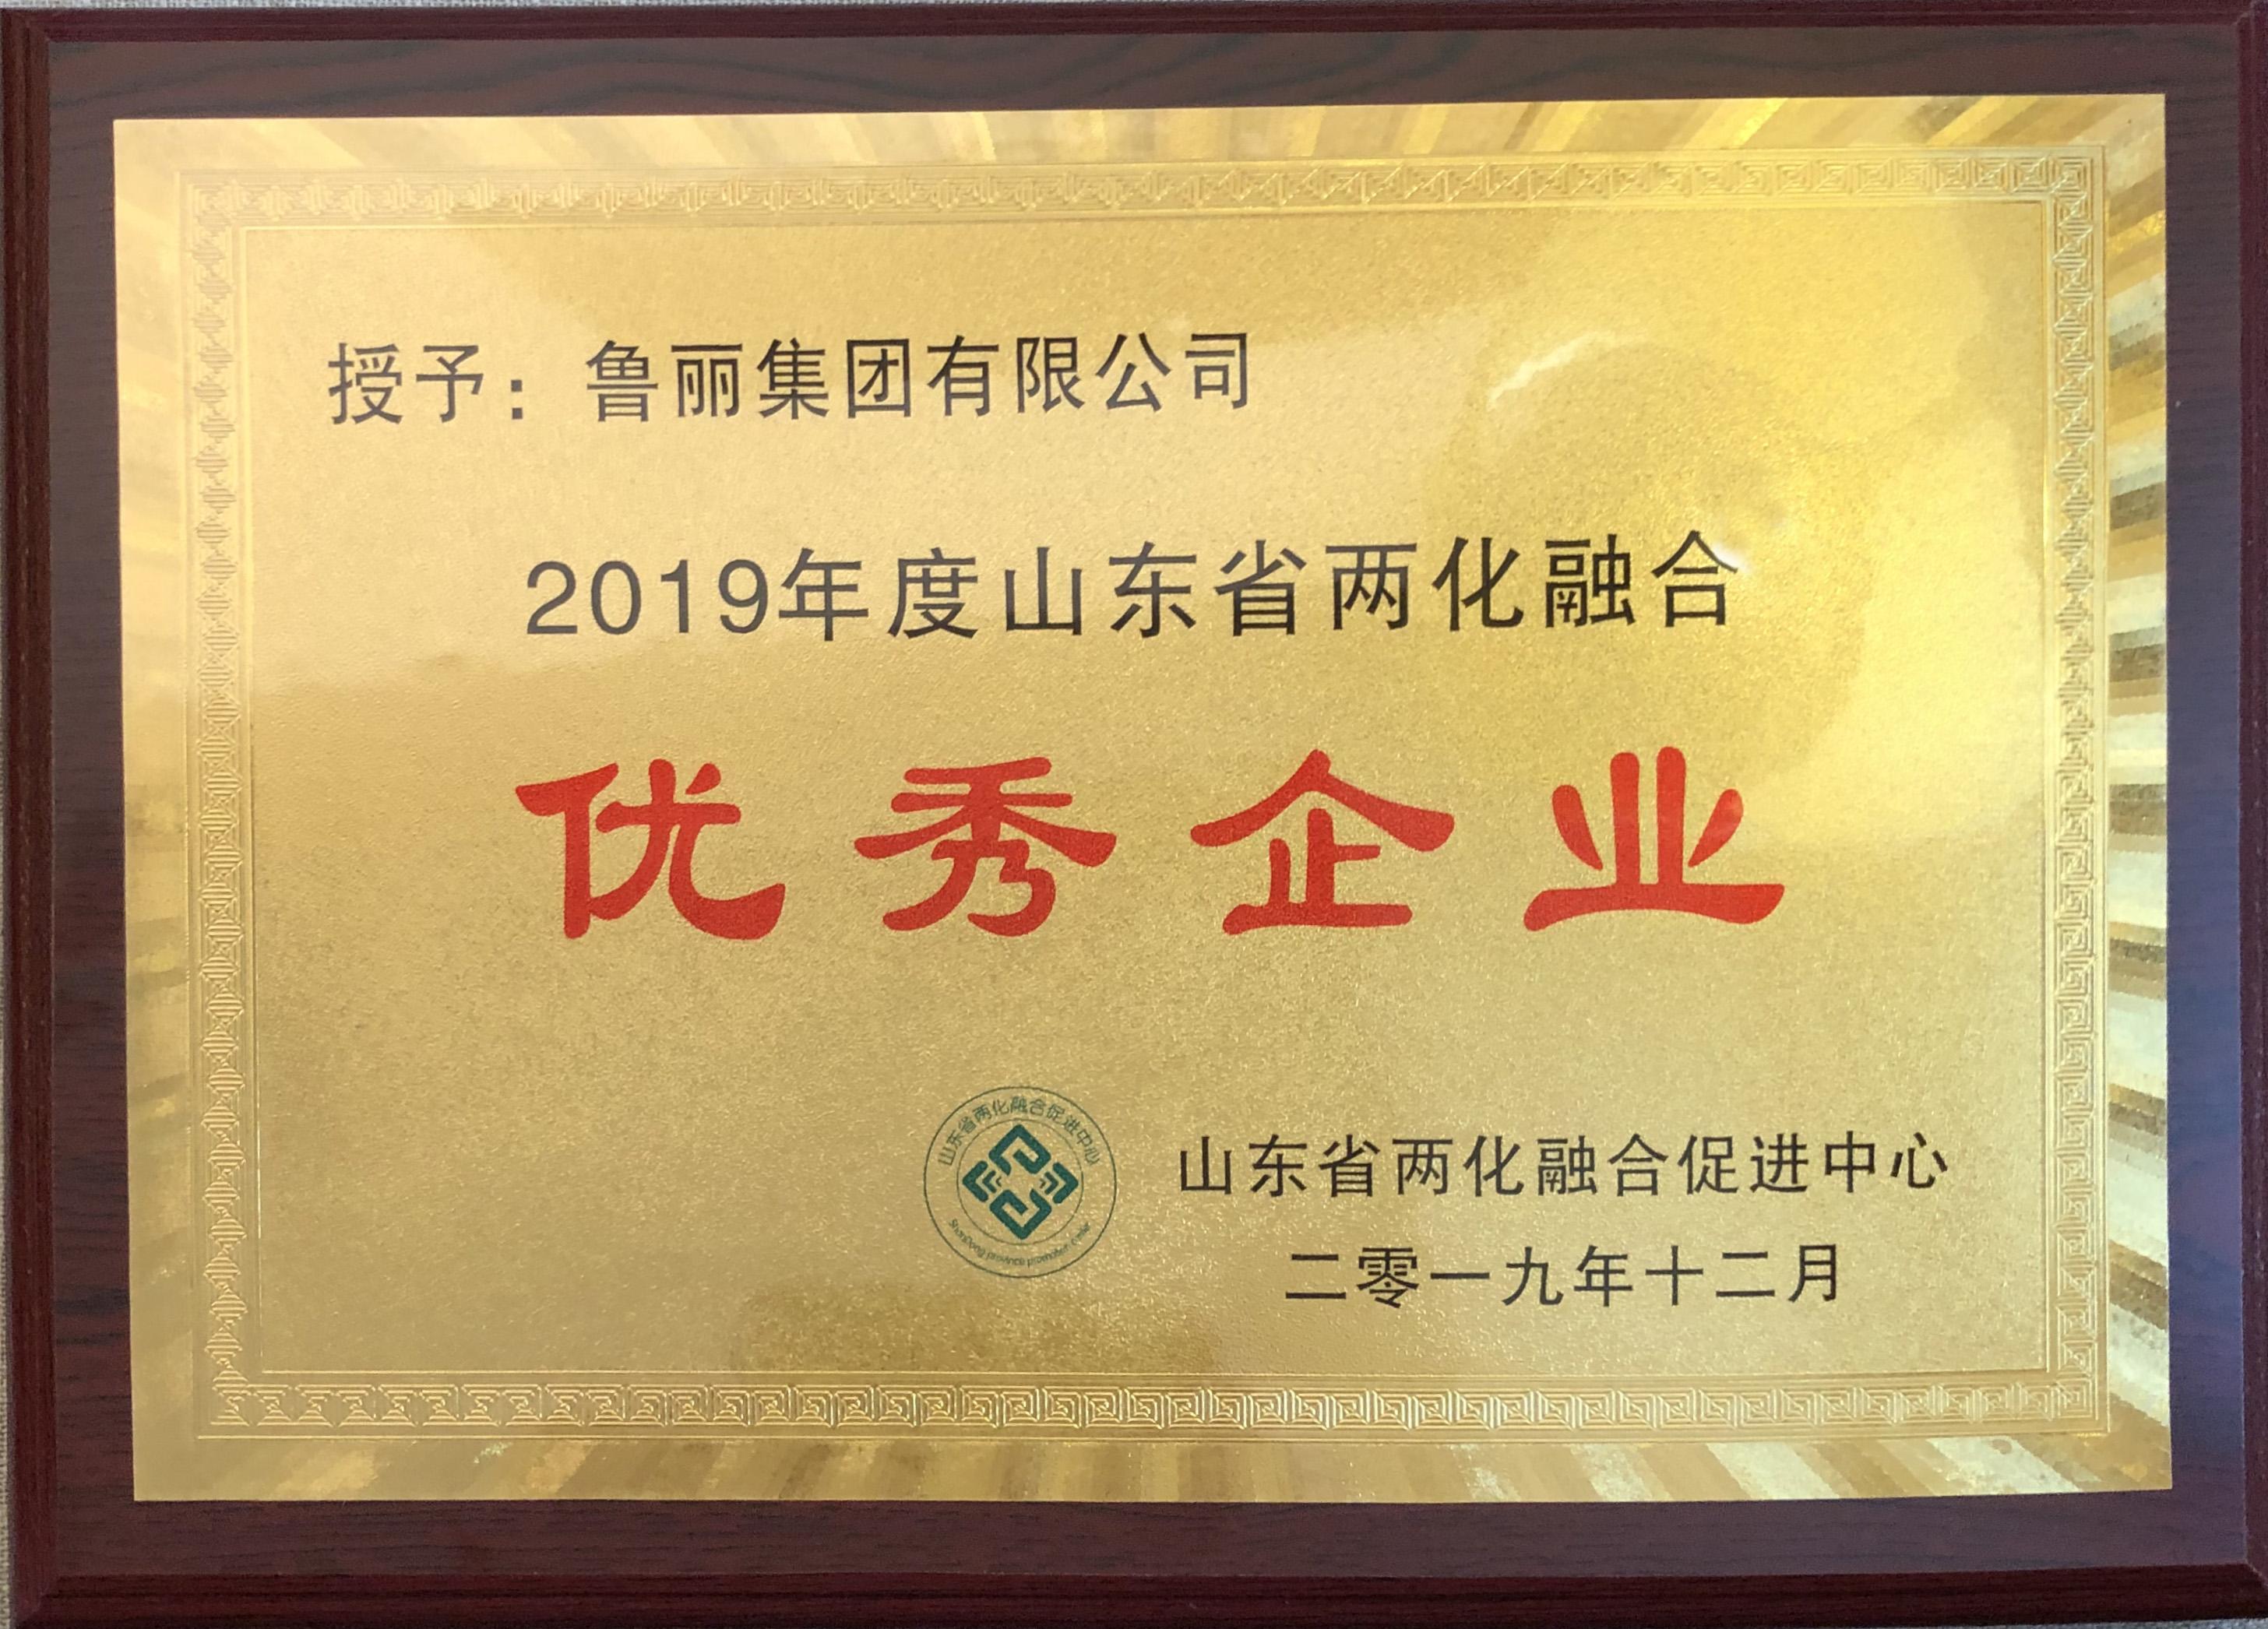 鲁丽集团被评为山东省2019年度两化融合优秀企业